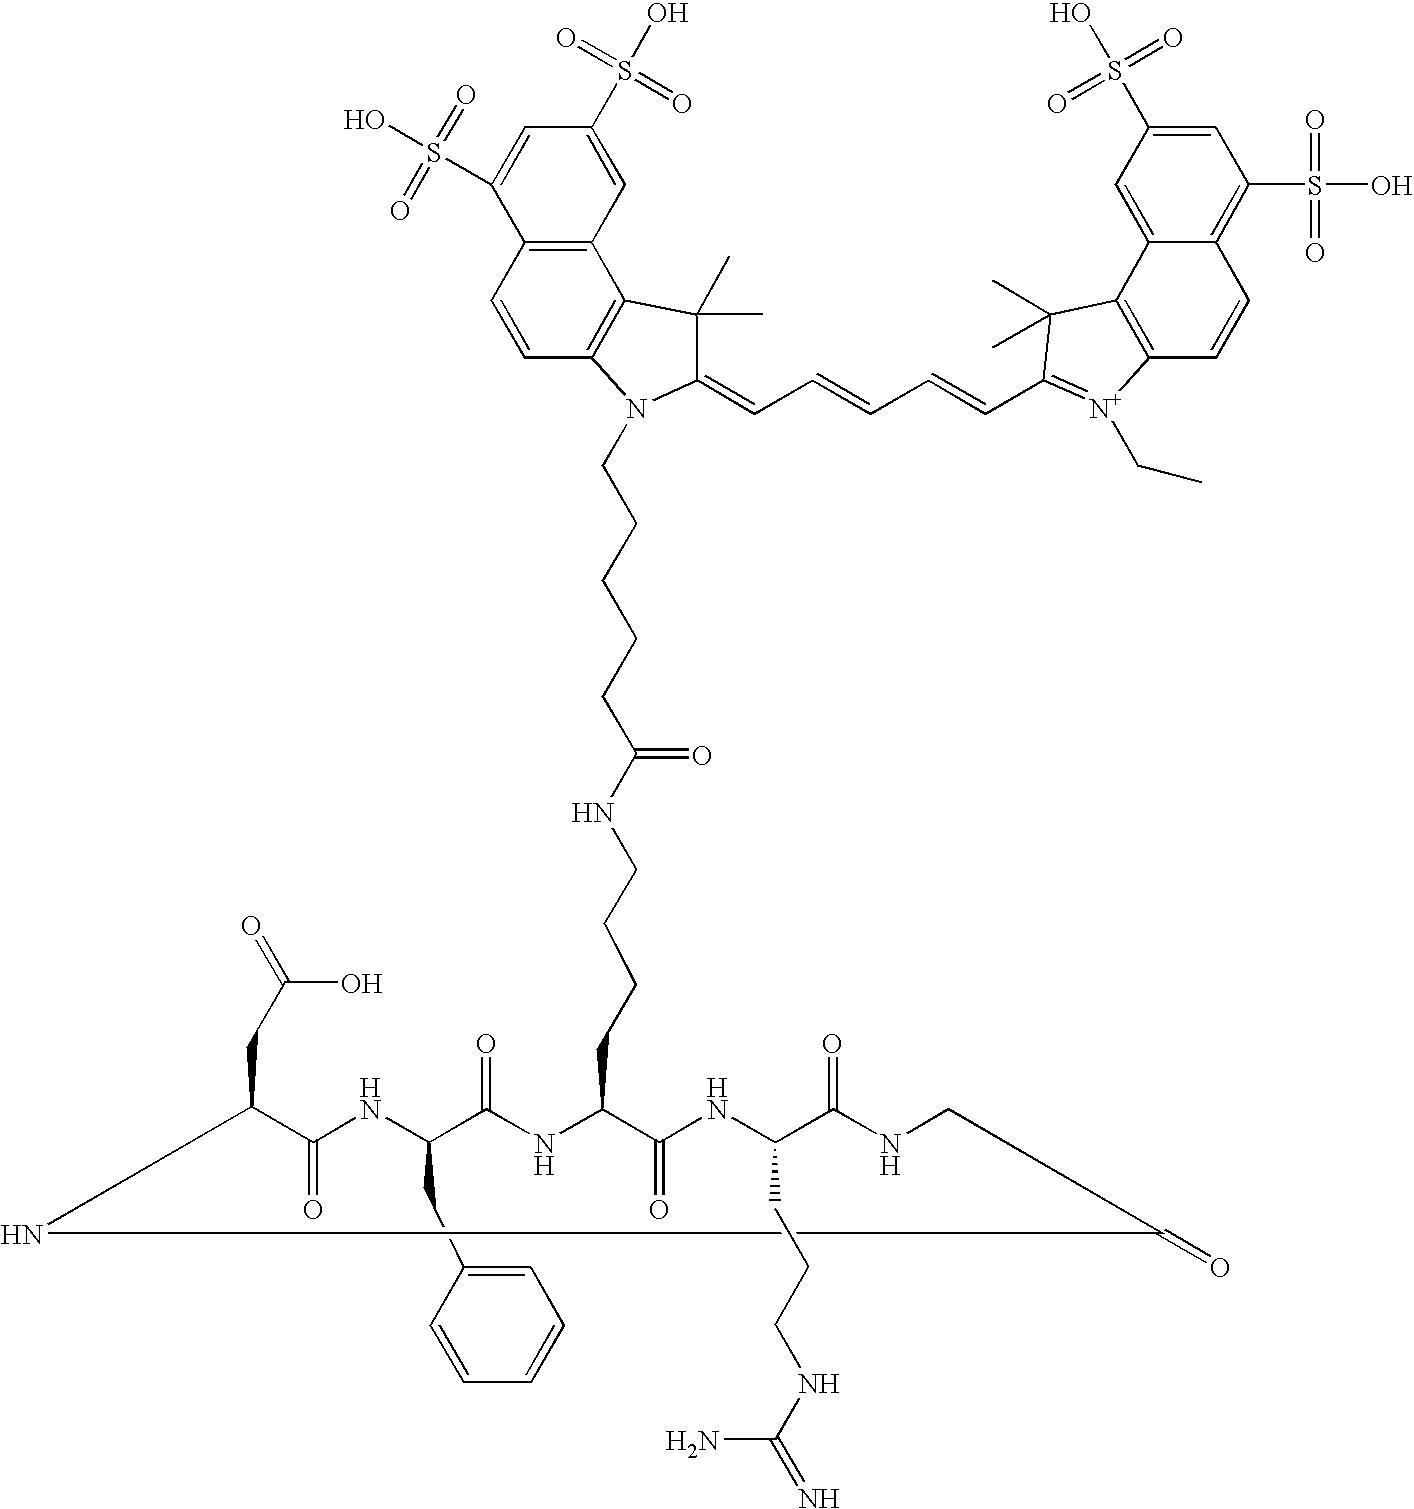 Figure US20090232741A1-20090917-C00018